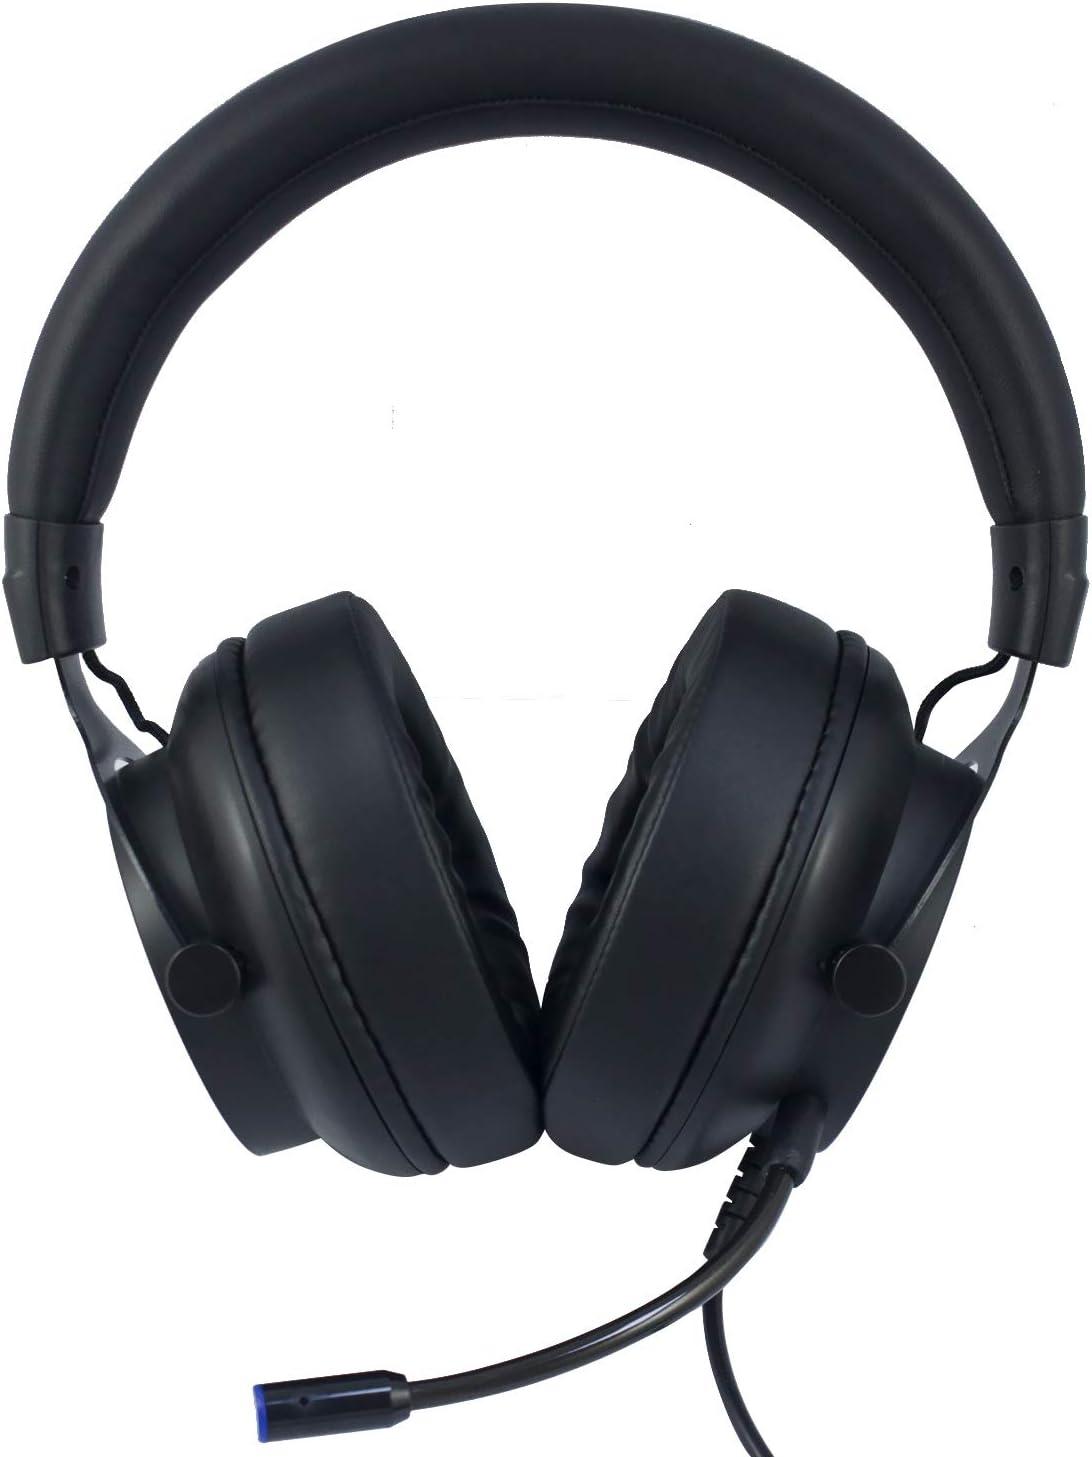 Puro Sound Labs - Auriculares para Juegos PuroGamer, más Seguros, con limitación de Volumen: Amazon.es: Electrónica